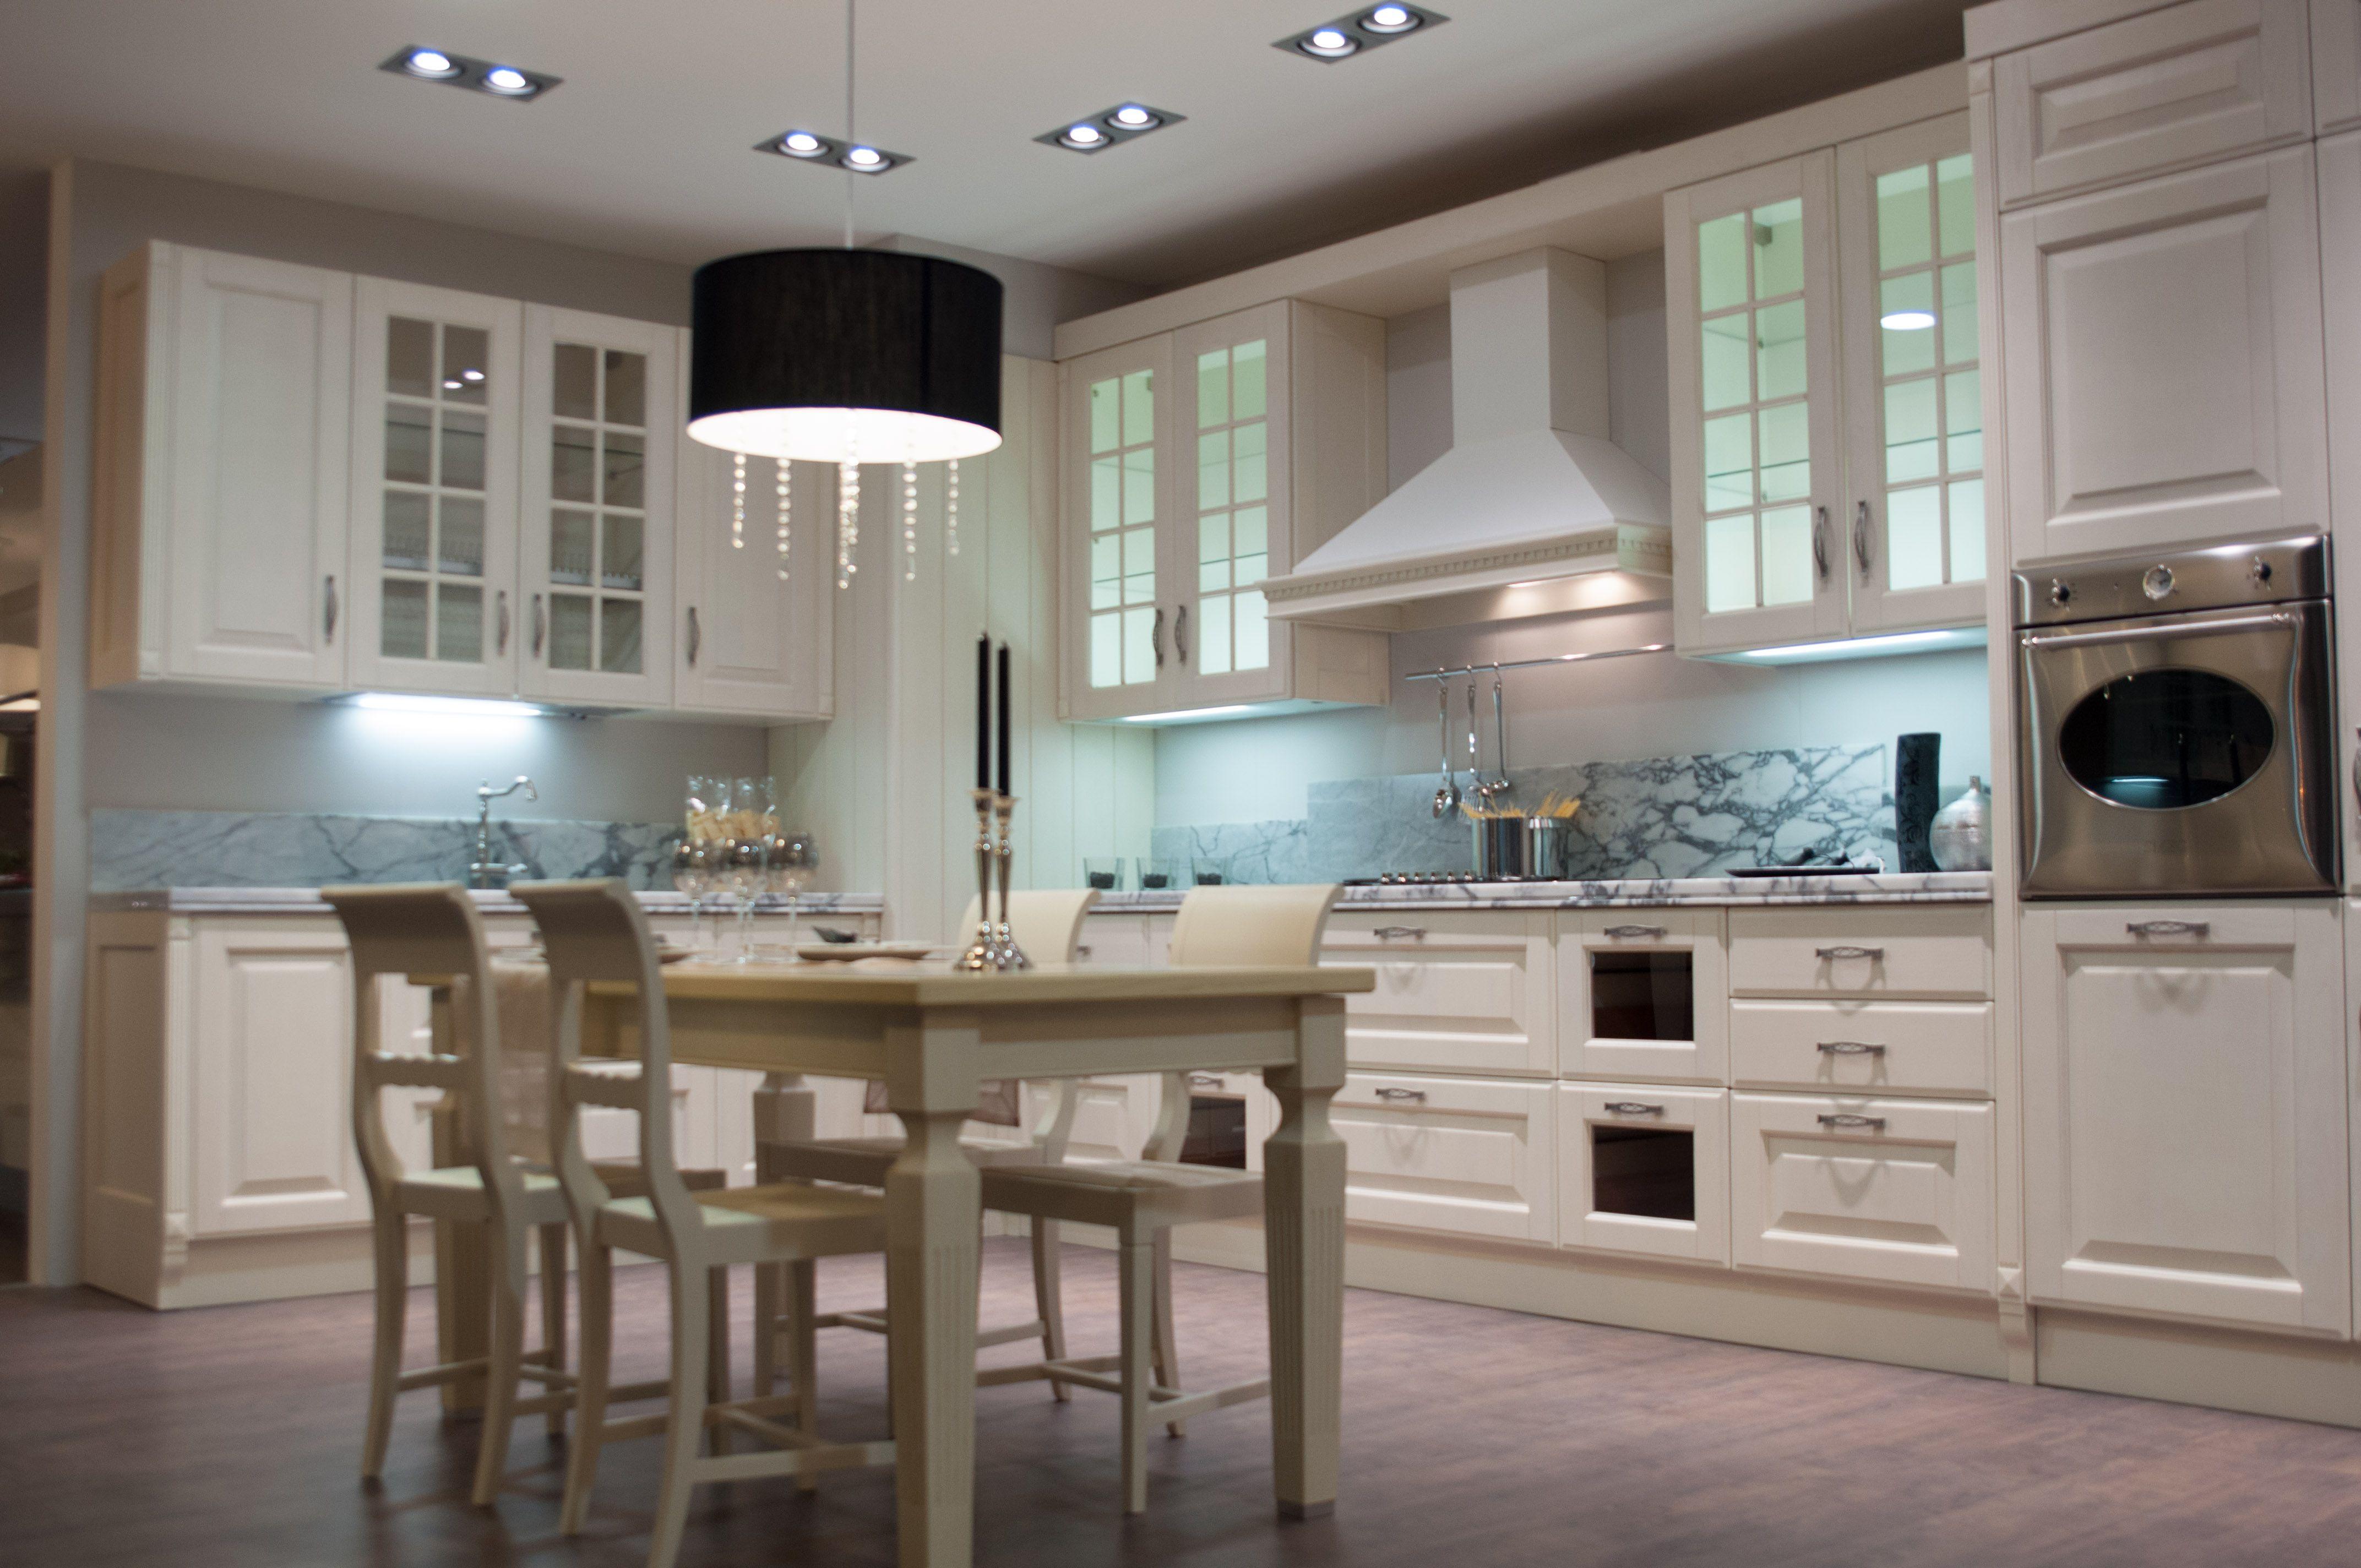 Cucine Classiche Moderne Scavolini.Cucine Classiche Scavolini Store Chieti Indoor Living